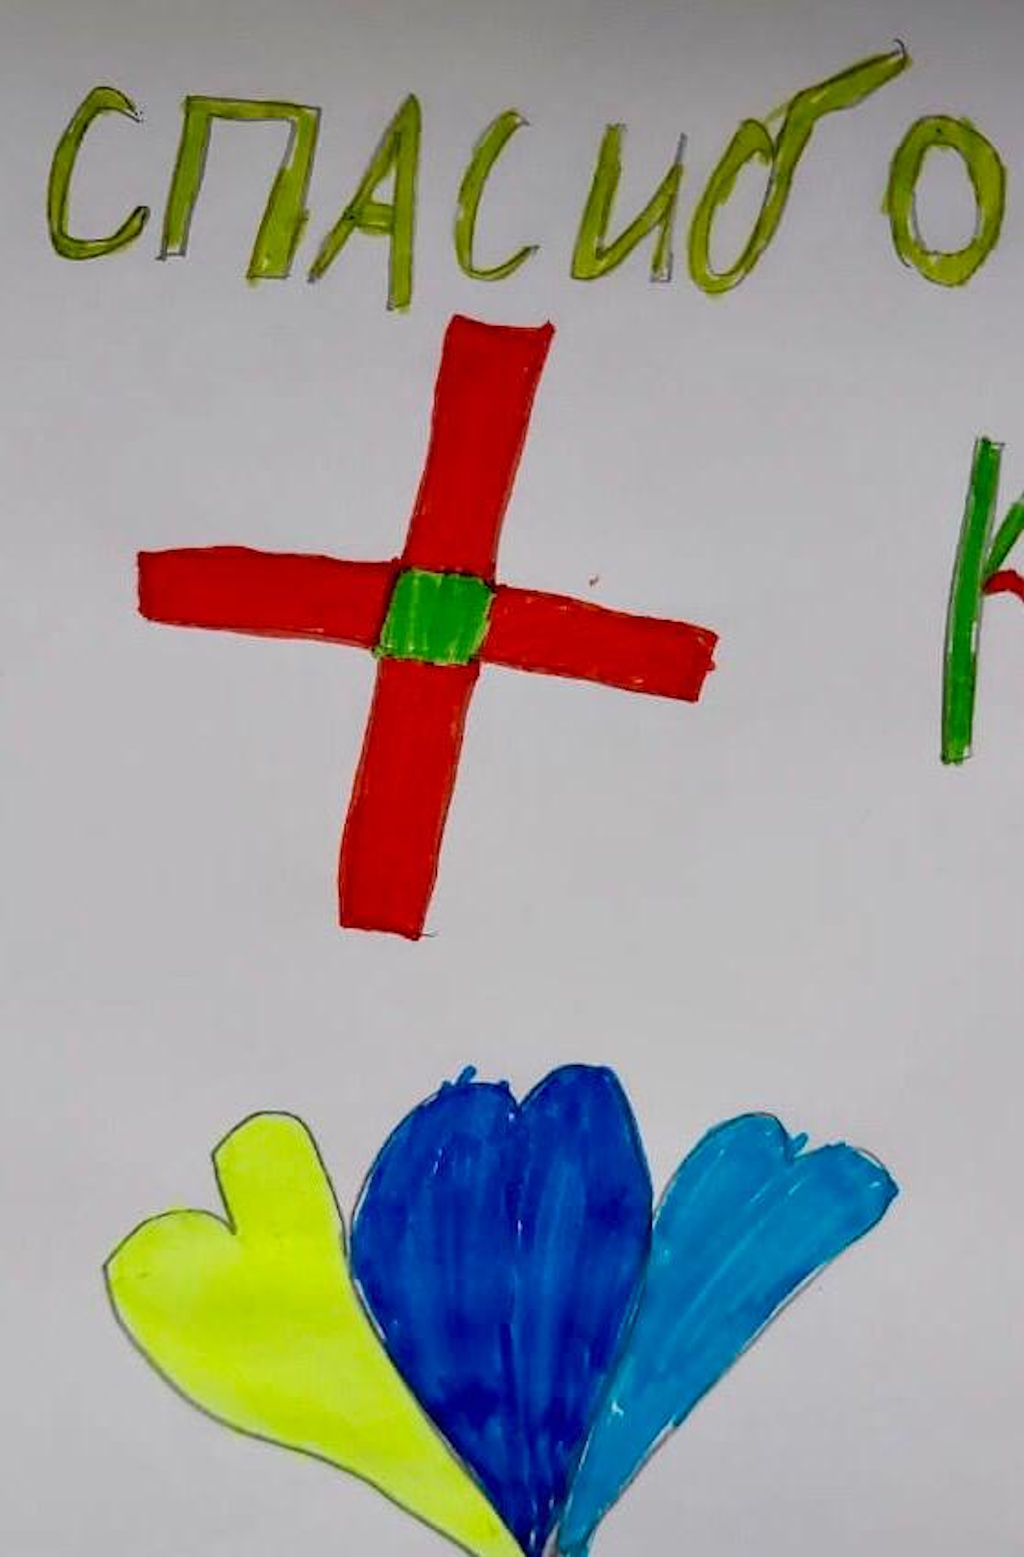 Дети наших сотрудников приняли участие в акции «Мы вместе», чтобы выразить свою поддержку медикам в борьбе с эпидемией коронавирусной инфекции.